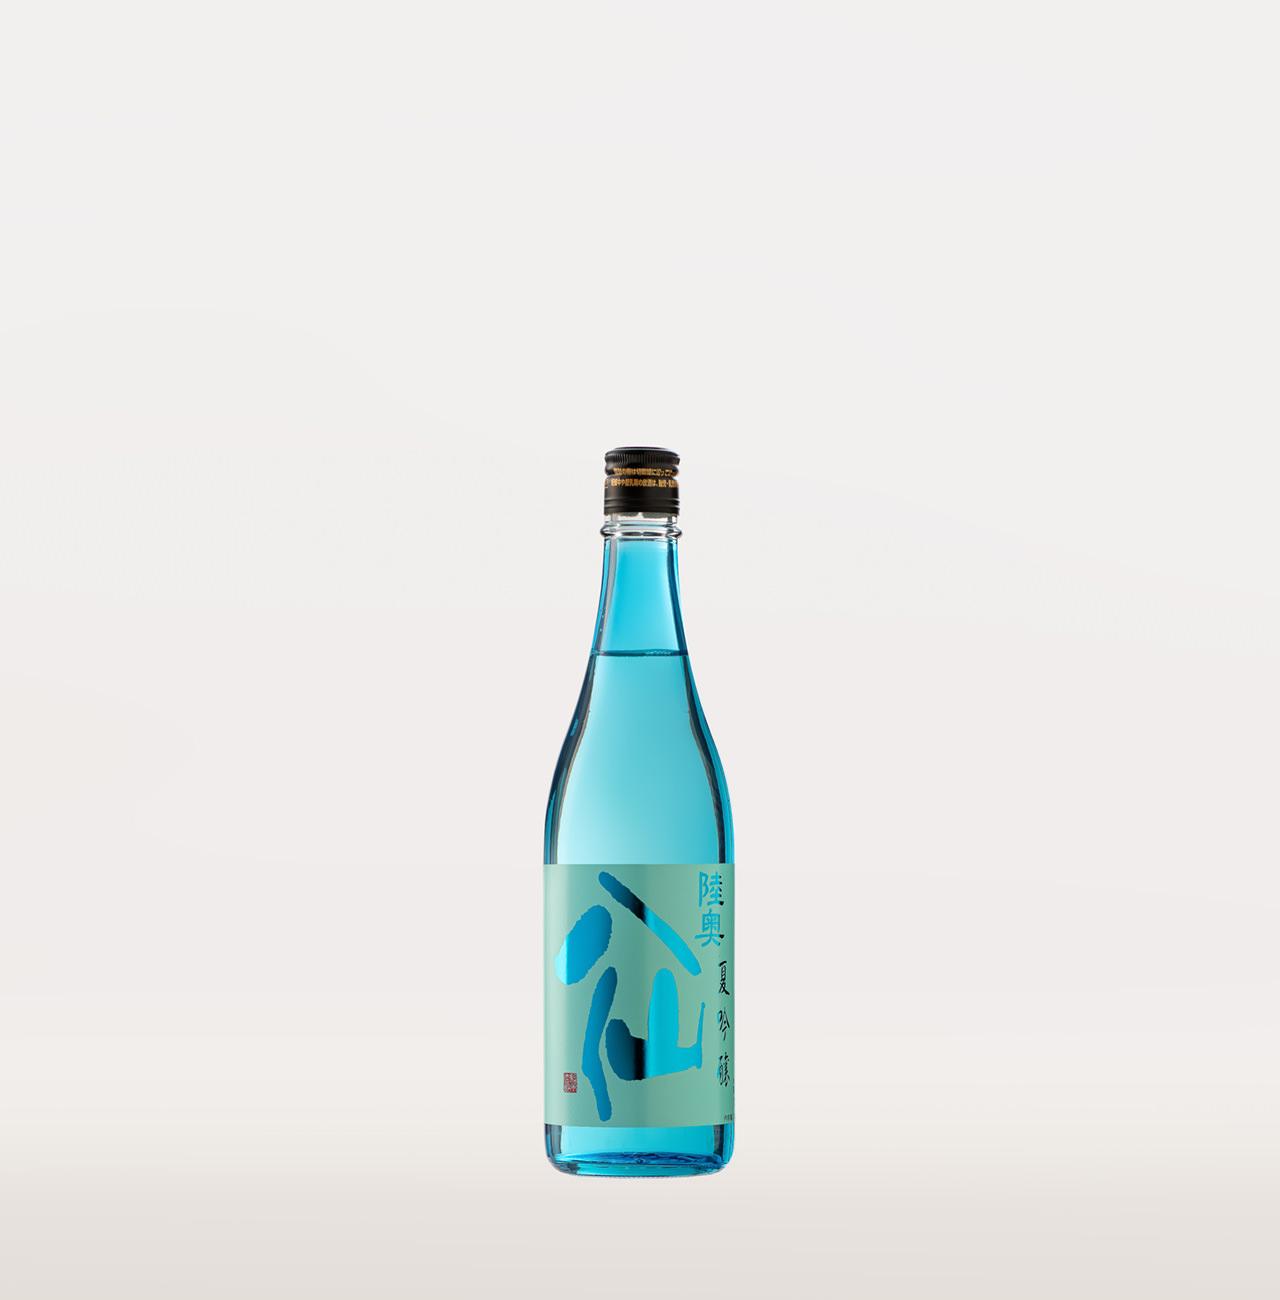 ブルーラベル 夏吟醸 720ml